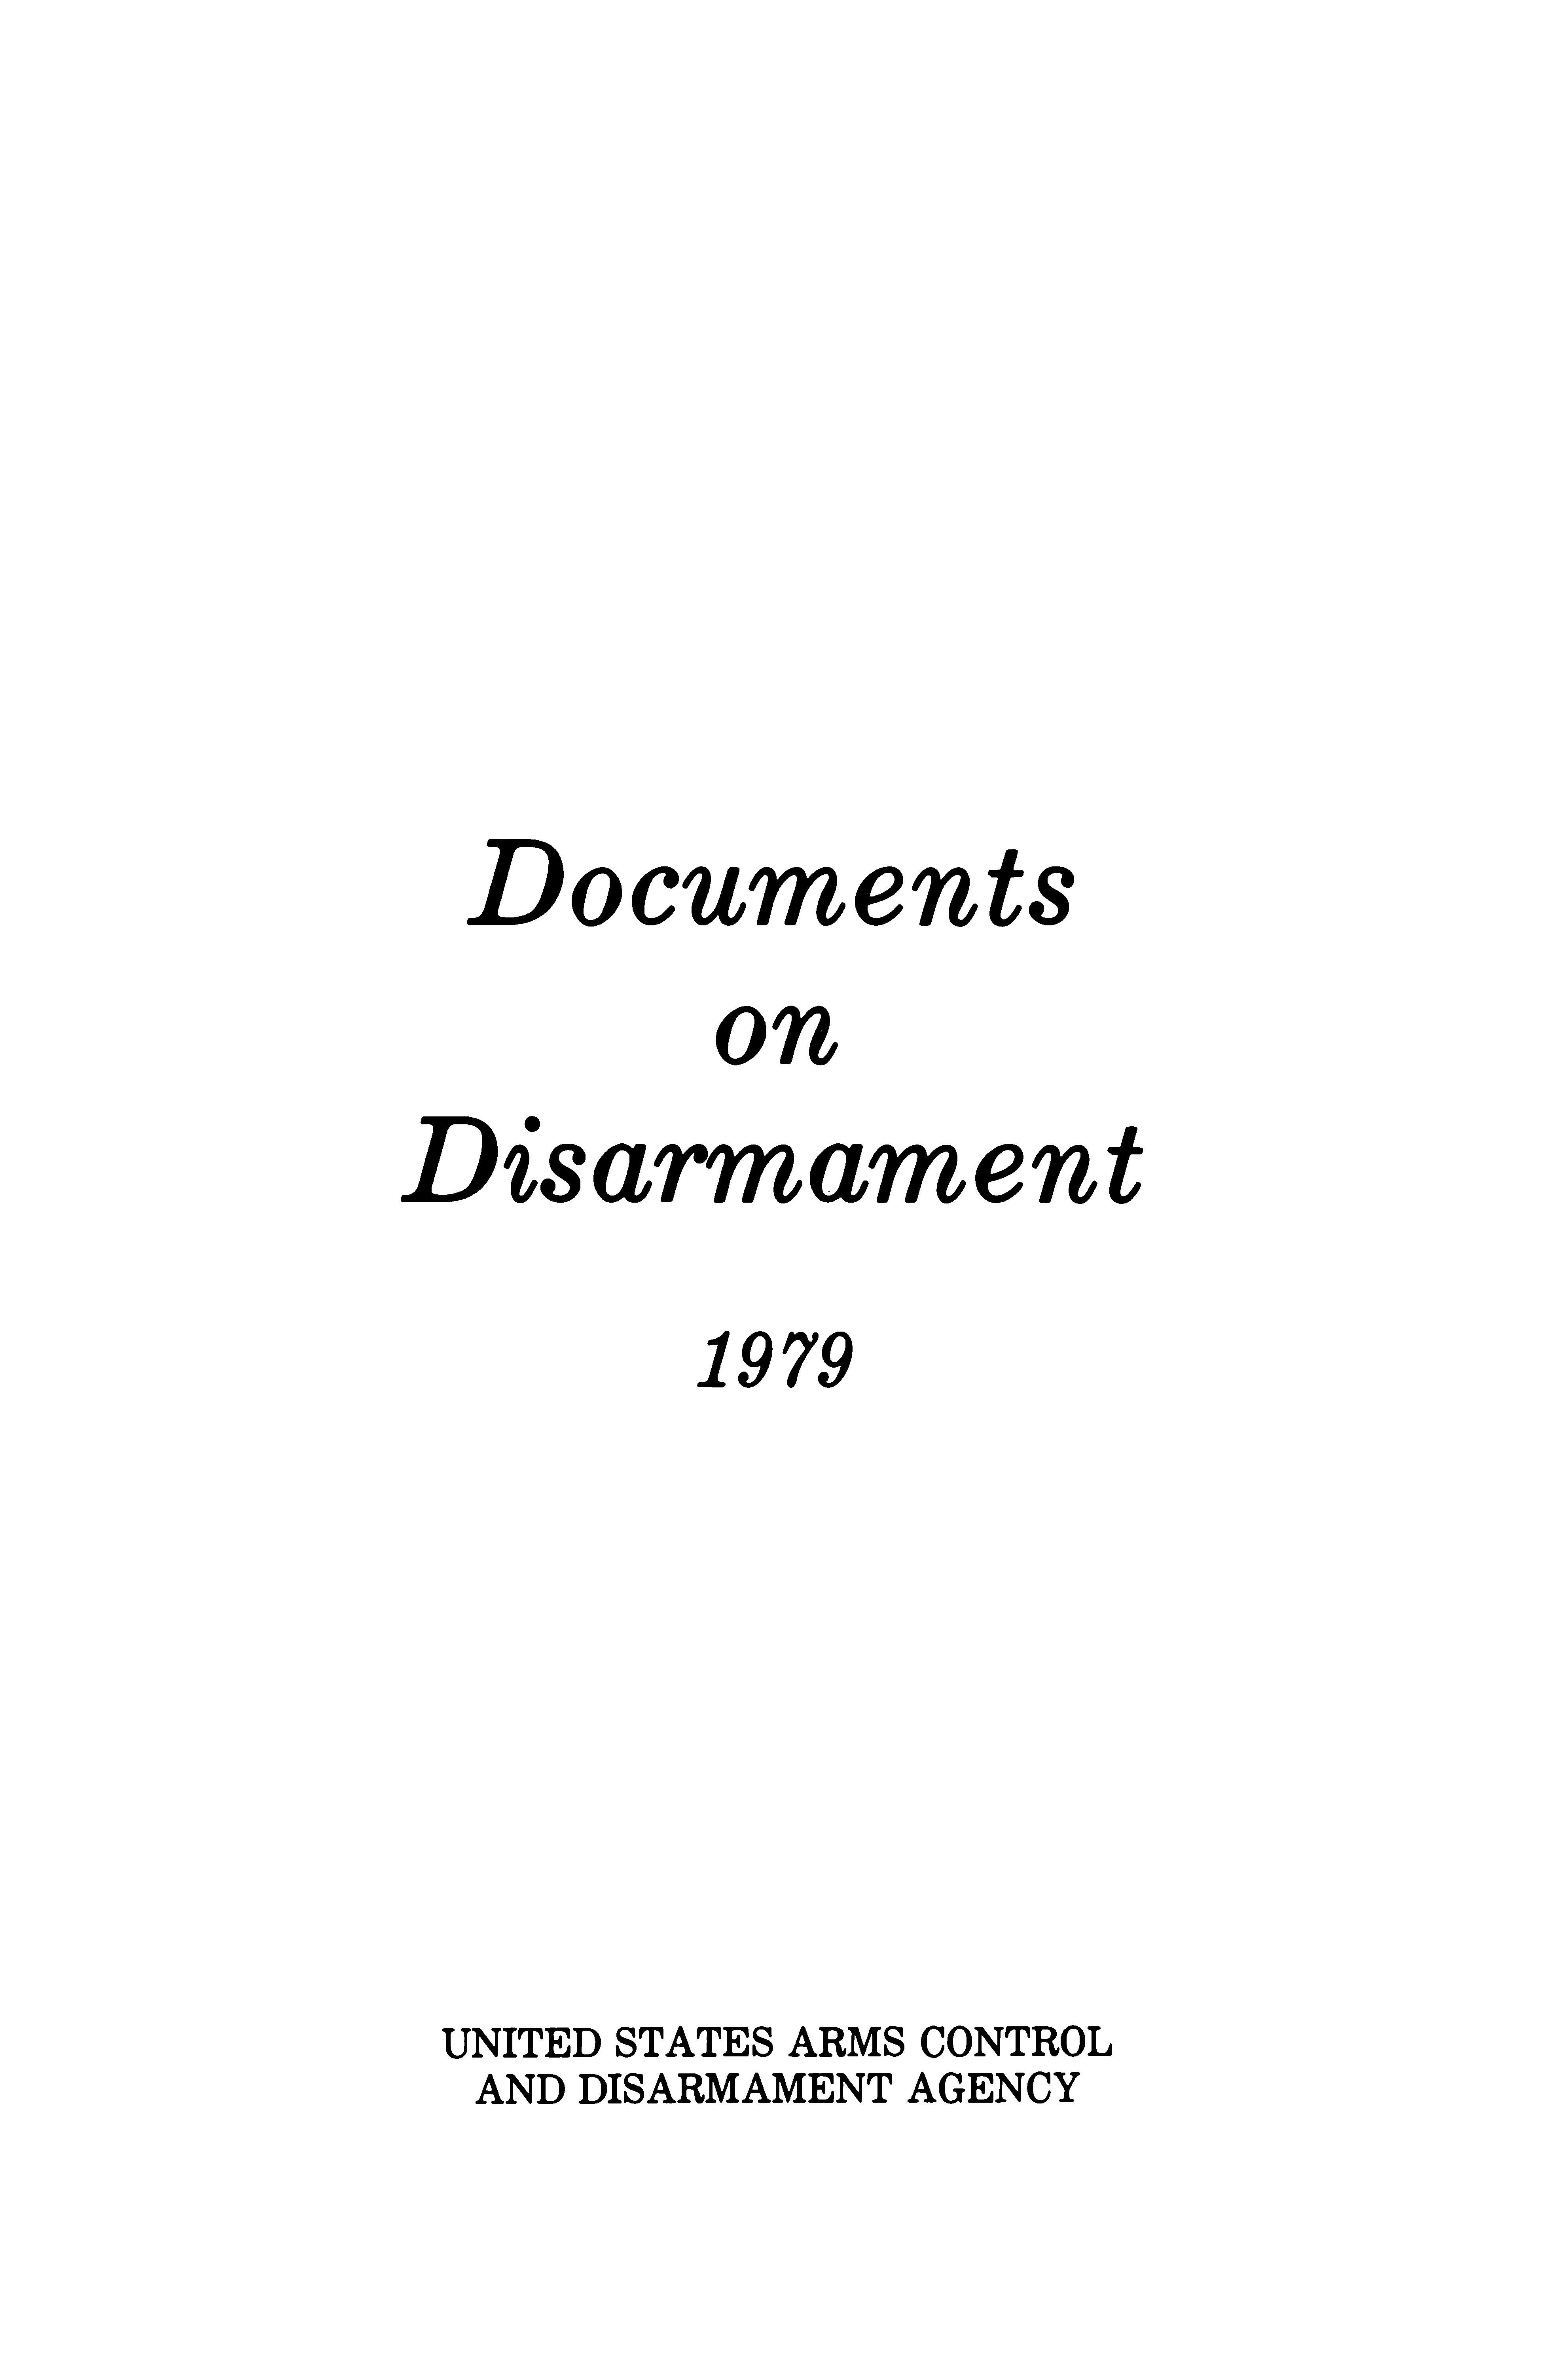 Documents on Disarmament